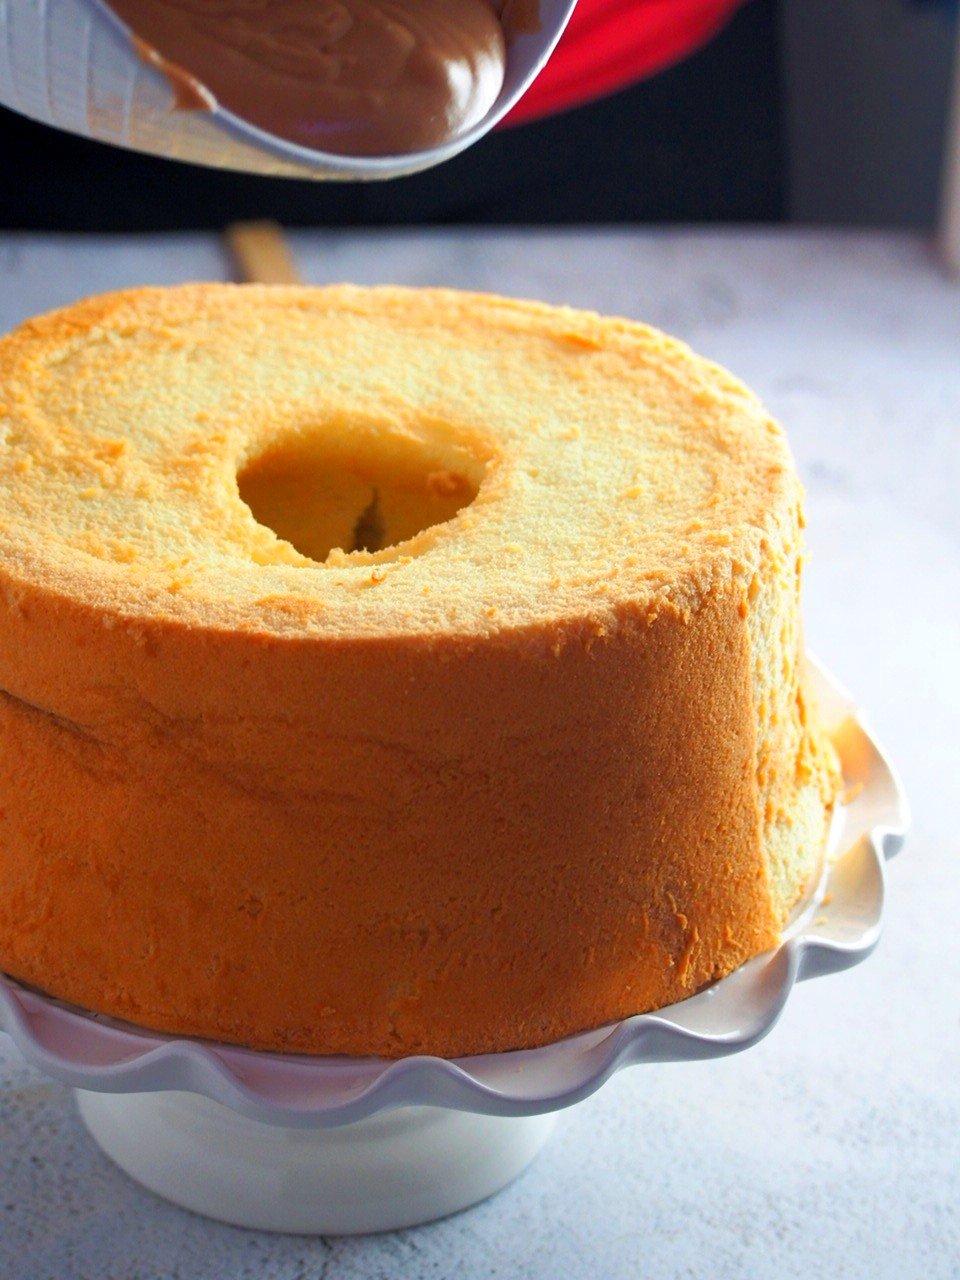 Icing the chiffon cake.